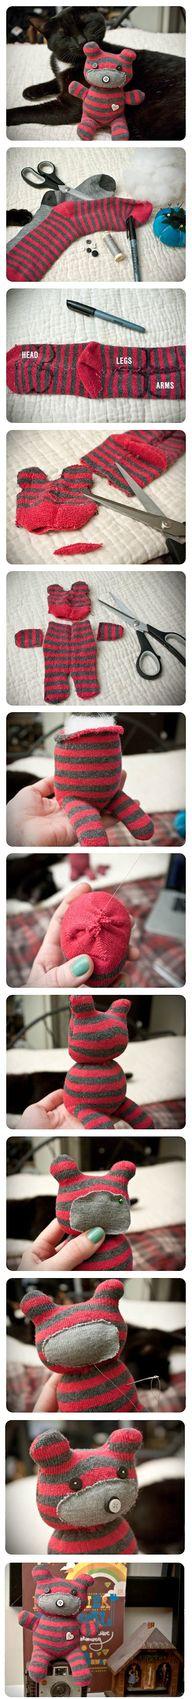 DIY Cute Little Tedd